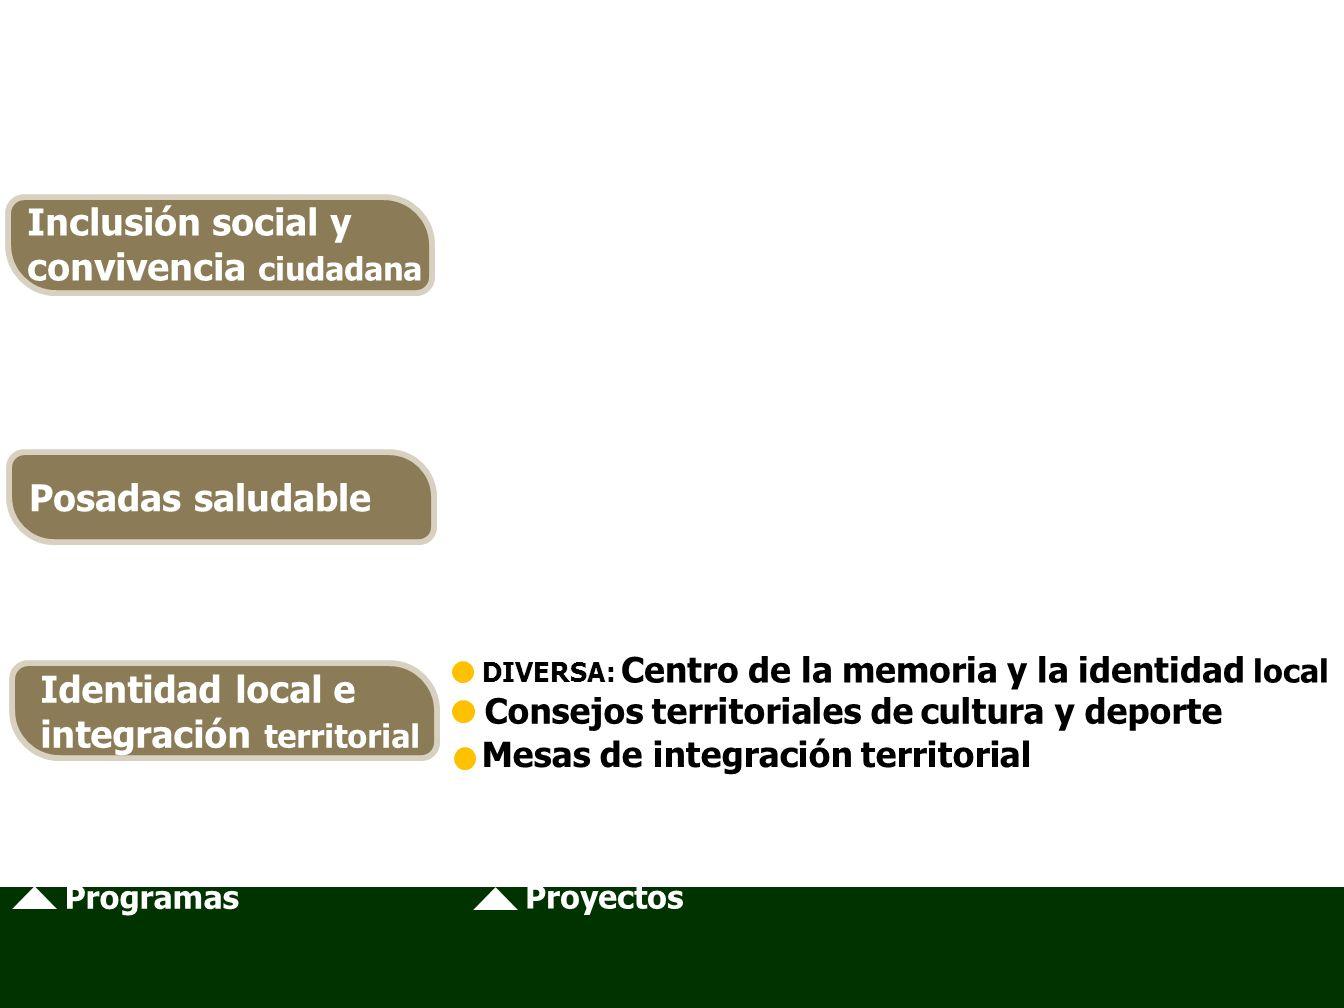 Programas Proyectos DIVERSA: Centro de la memoria y la identidad local Consejos territoriales de cultura y deporte Mesas de integración territorial Inclusión social y convivencia ciudadana Posadas saludable Identidad local e integración territorial